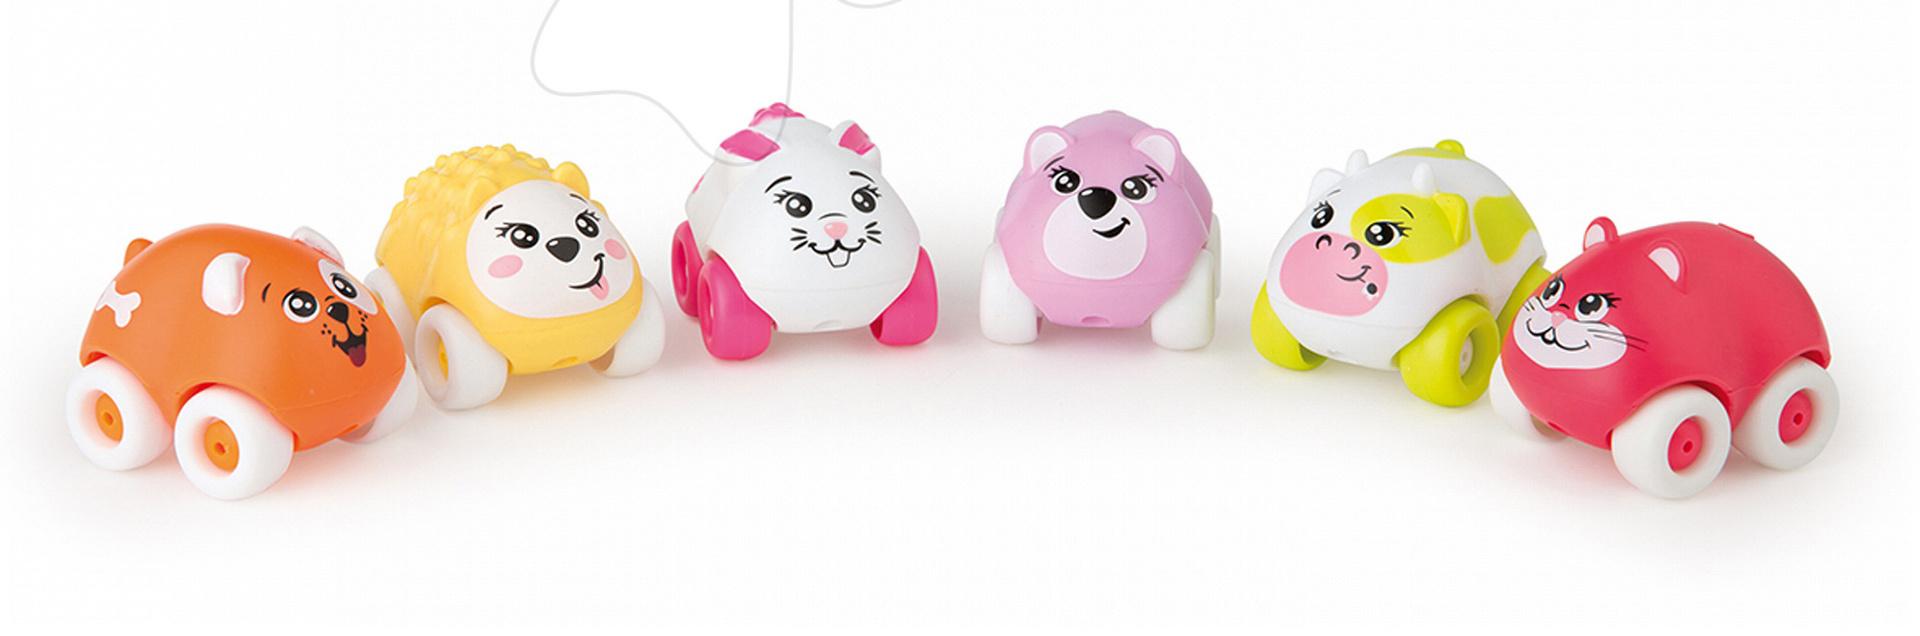 Autíčka - Zvieratko na kolieskach Sweet Planet Smoby psík, ježko, zajačik, myška, mačička, kravička 7 cm od 12 mes